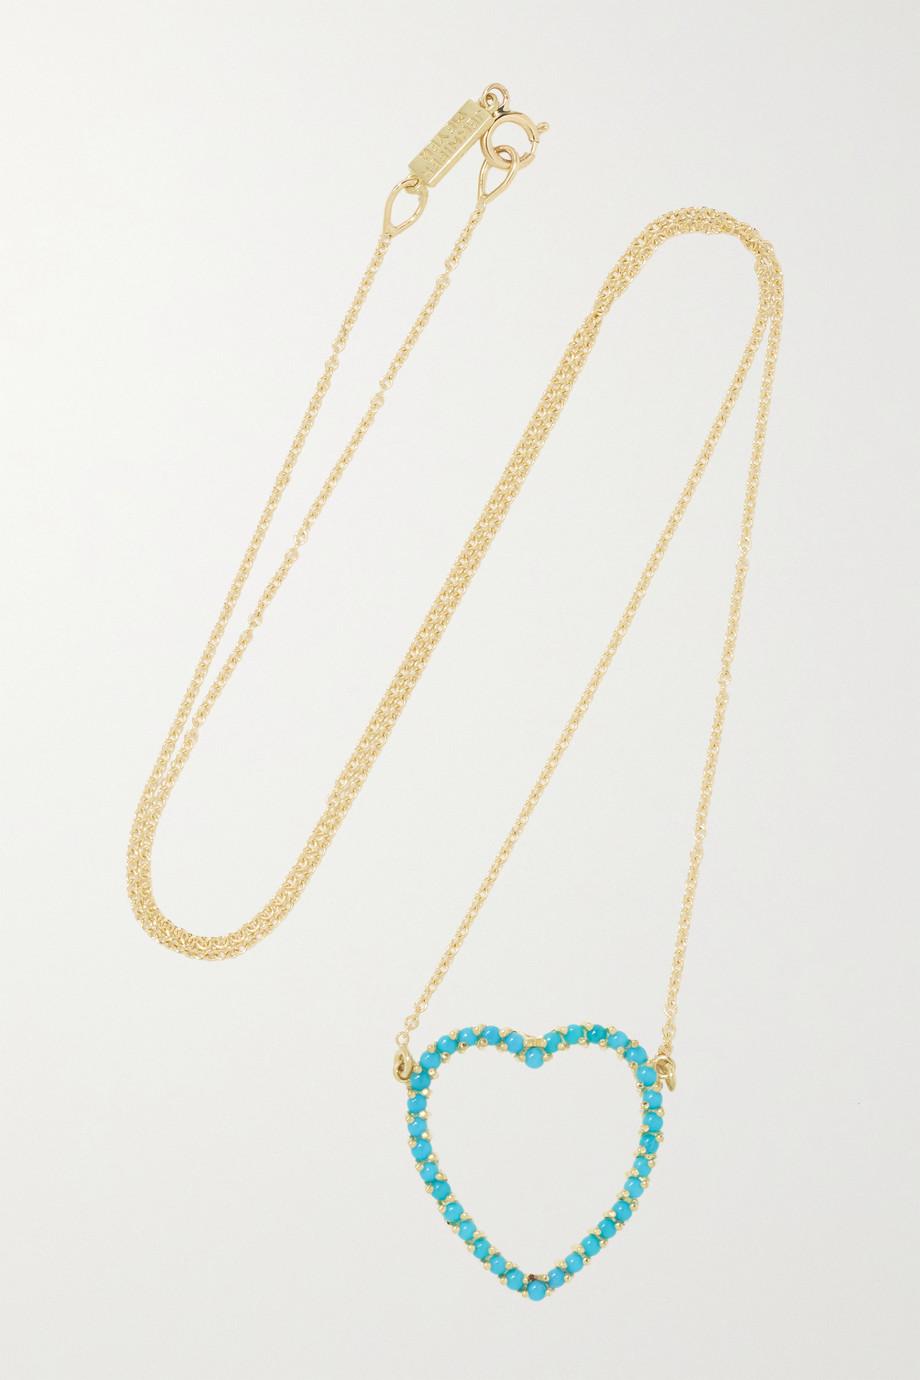 Jennifer Meyer Large Open Heart 18K 黄金绿松石项链